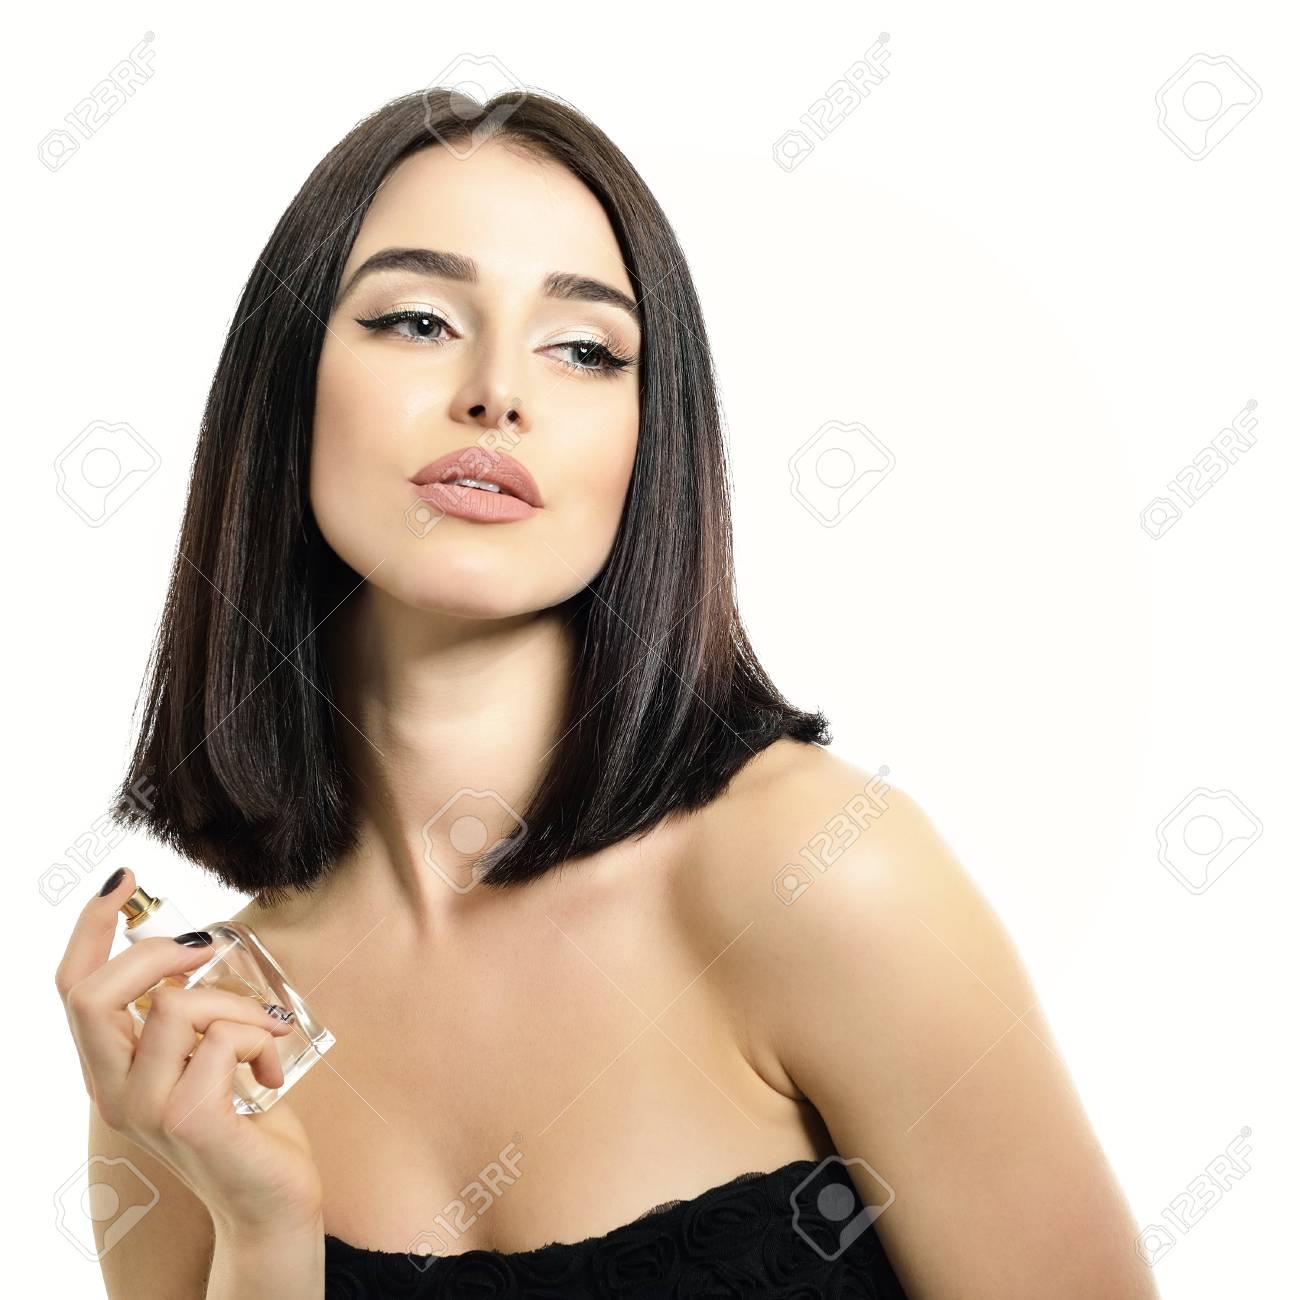 Dame ParfumJeune Bouteille Sentir Blanc Parfum Femme L'arôme Fond Portrait Belle Tenant Du Et Avec De Sur tsrQdhC